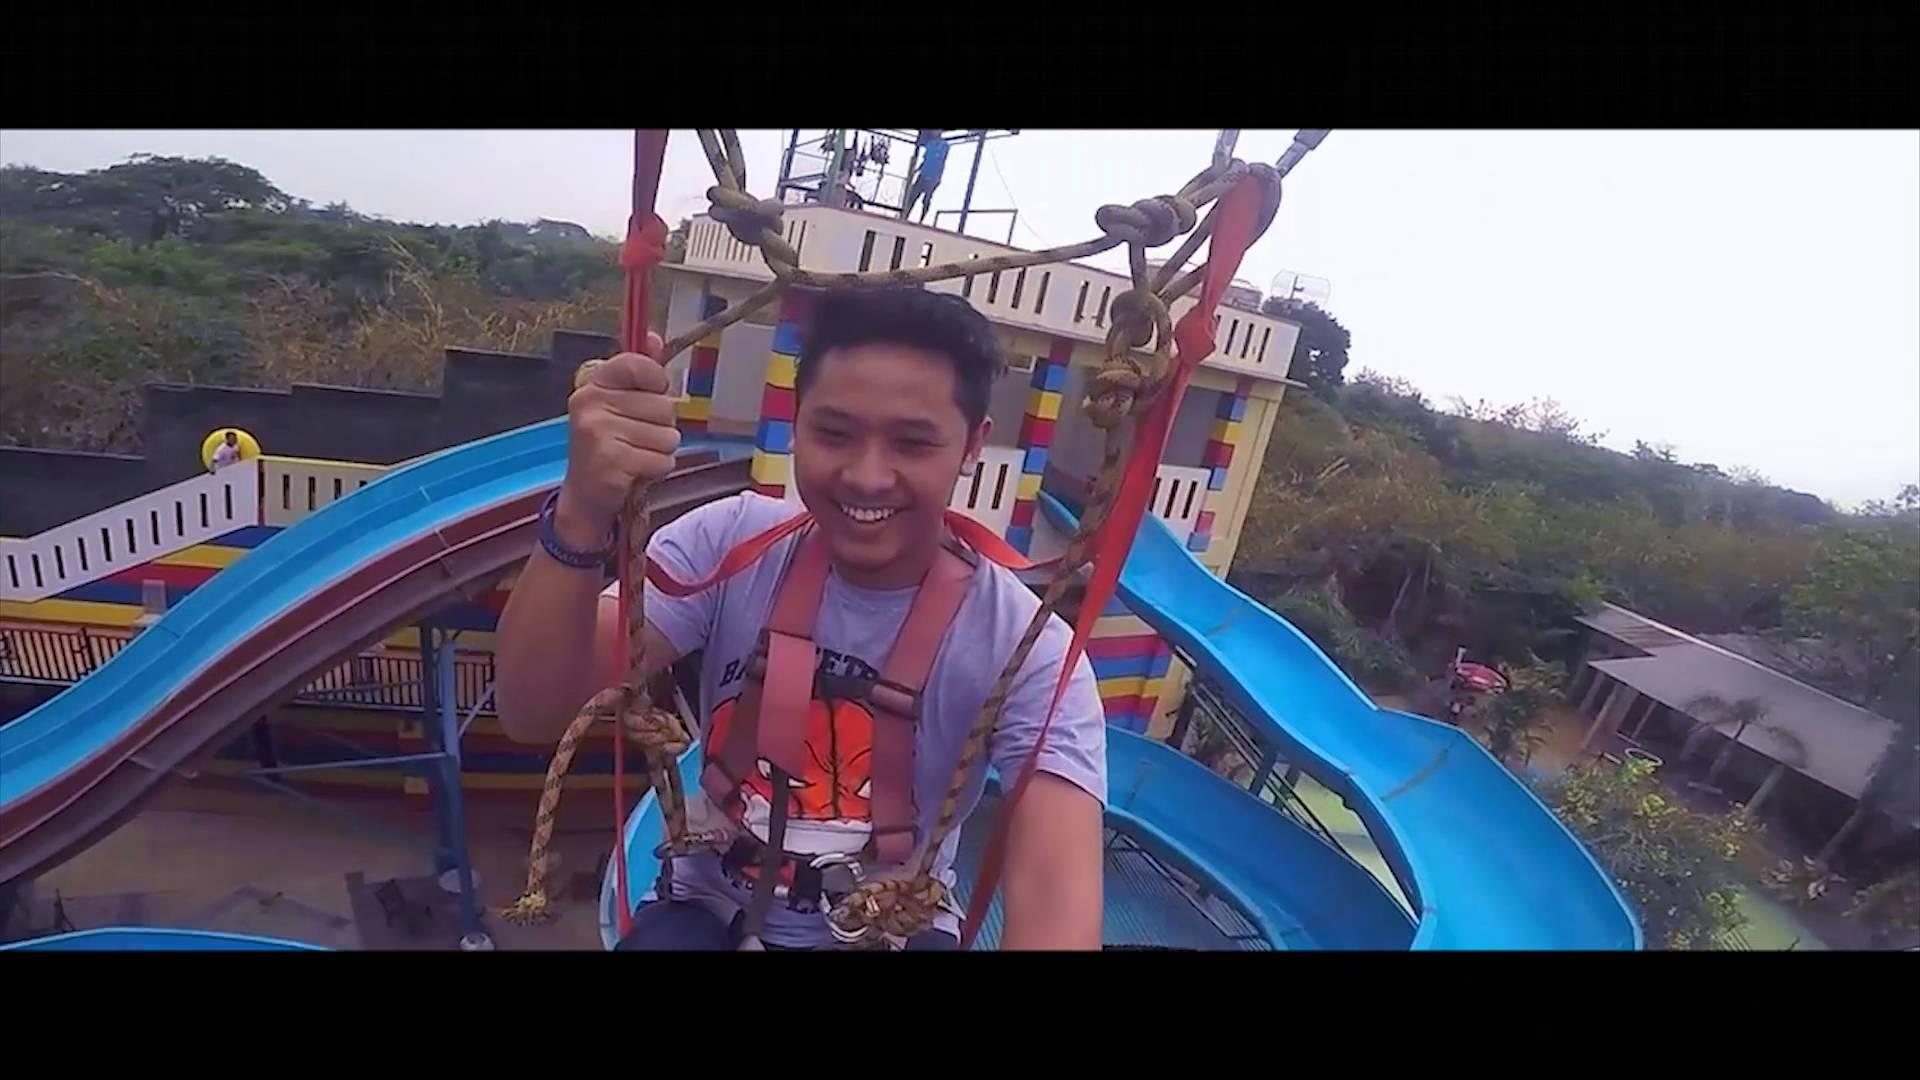 Waterboom Tiara Park Jepara Youtube Taman Air Kab Jember